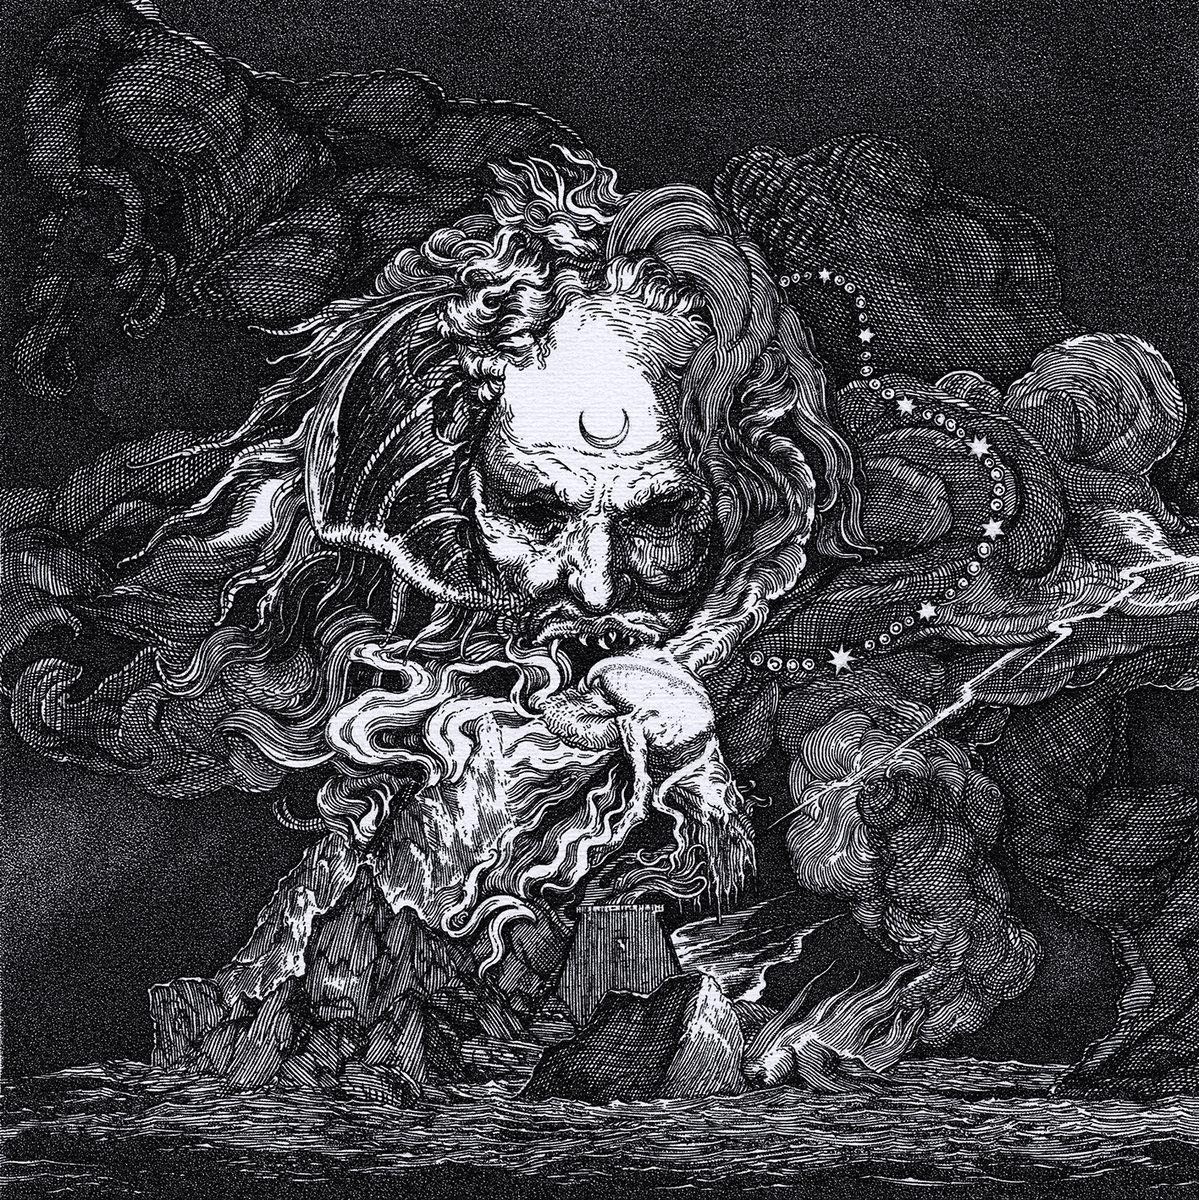 eggs of gomorrh / sarinvomit – encomium of depraved instincts [split]